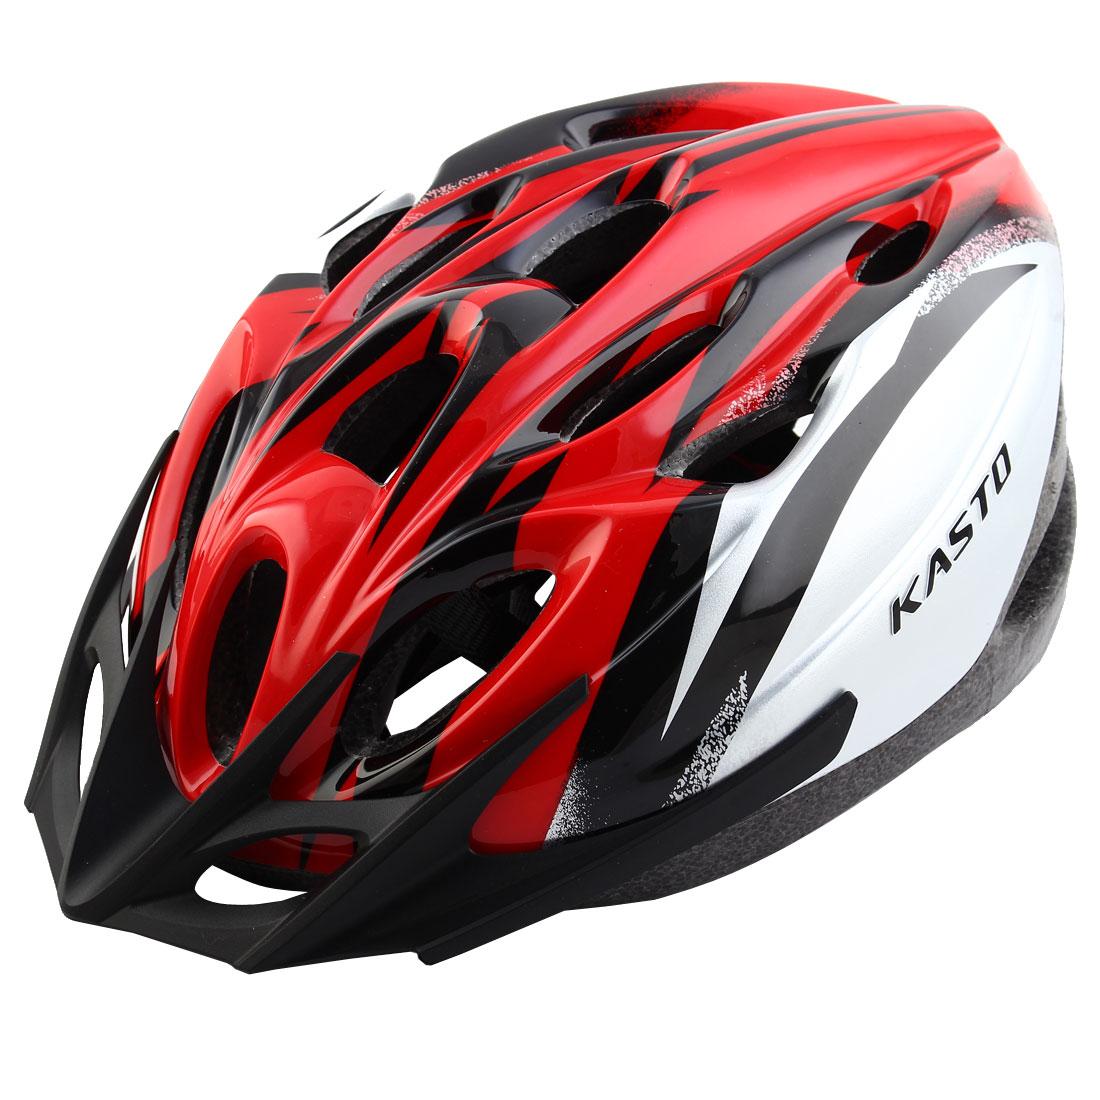 Unisex LED Light Removable Visor Outdoor Sports Cap Hat Adjustable Safety Bicycle Bike Helmet